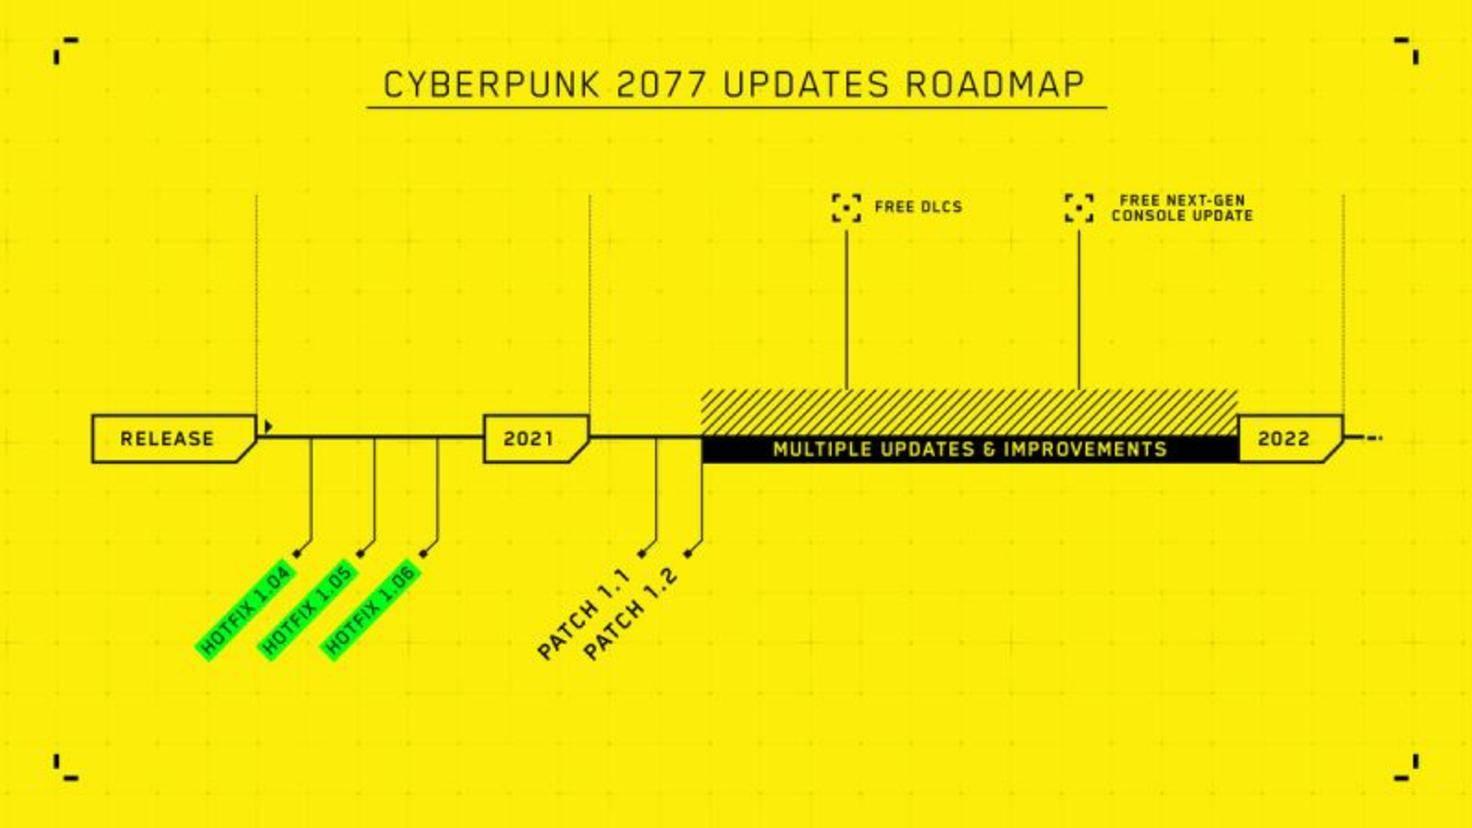 cyberpunk-2077-update-roadmap